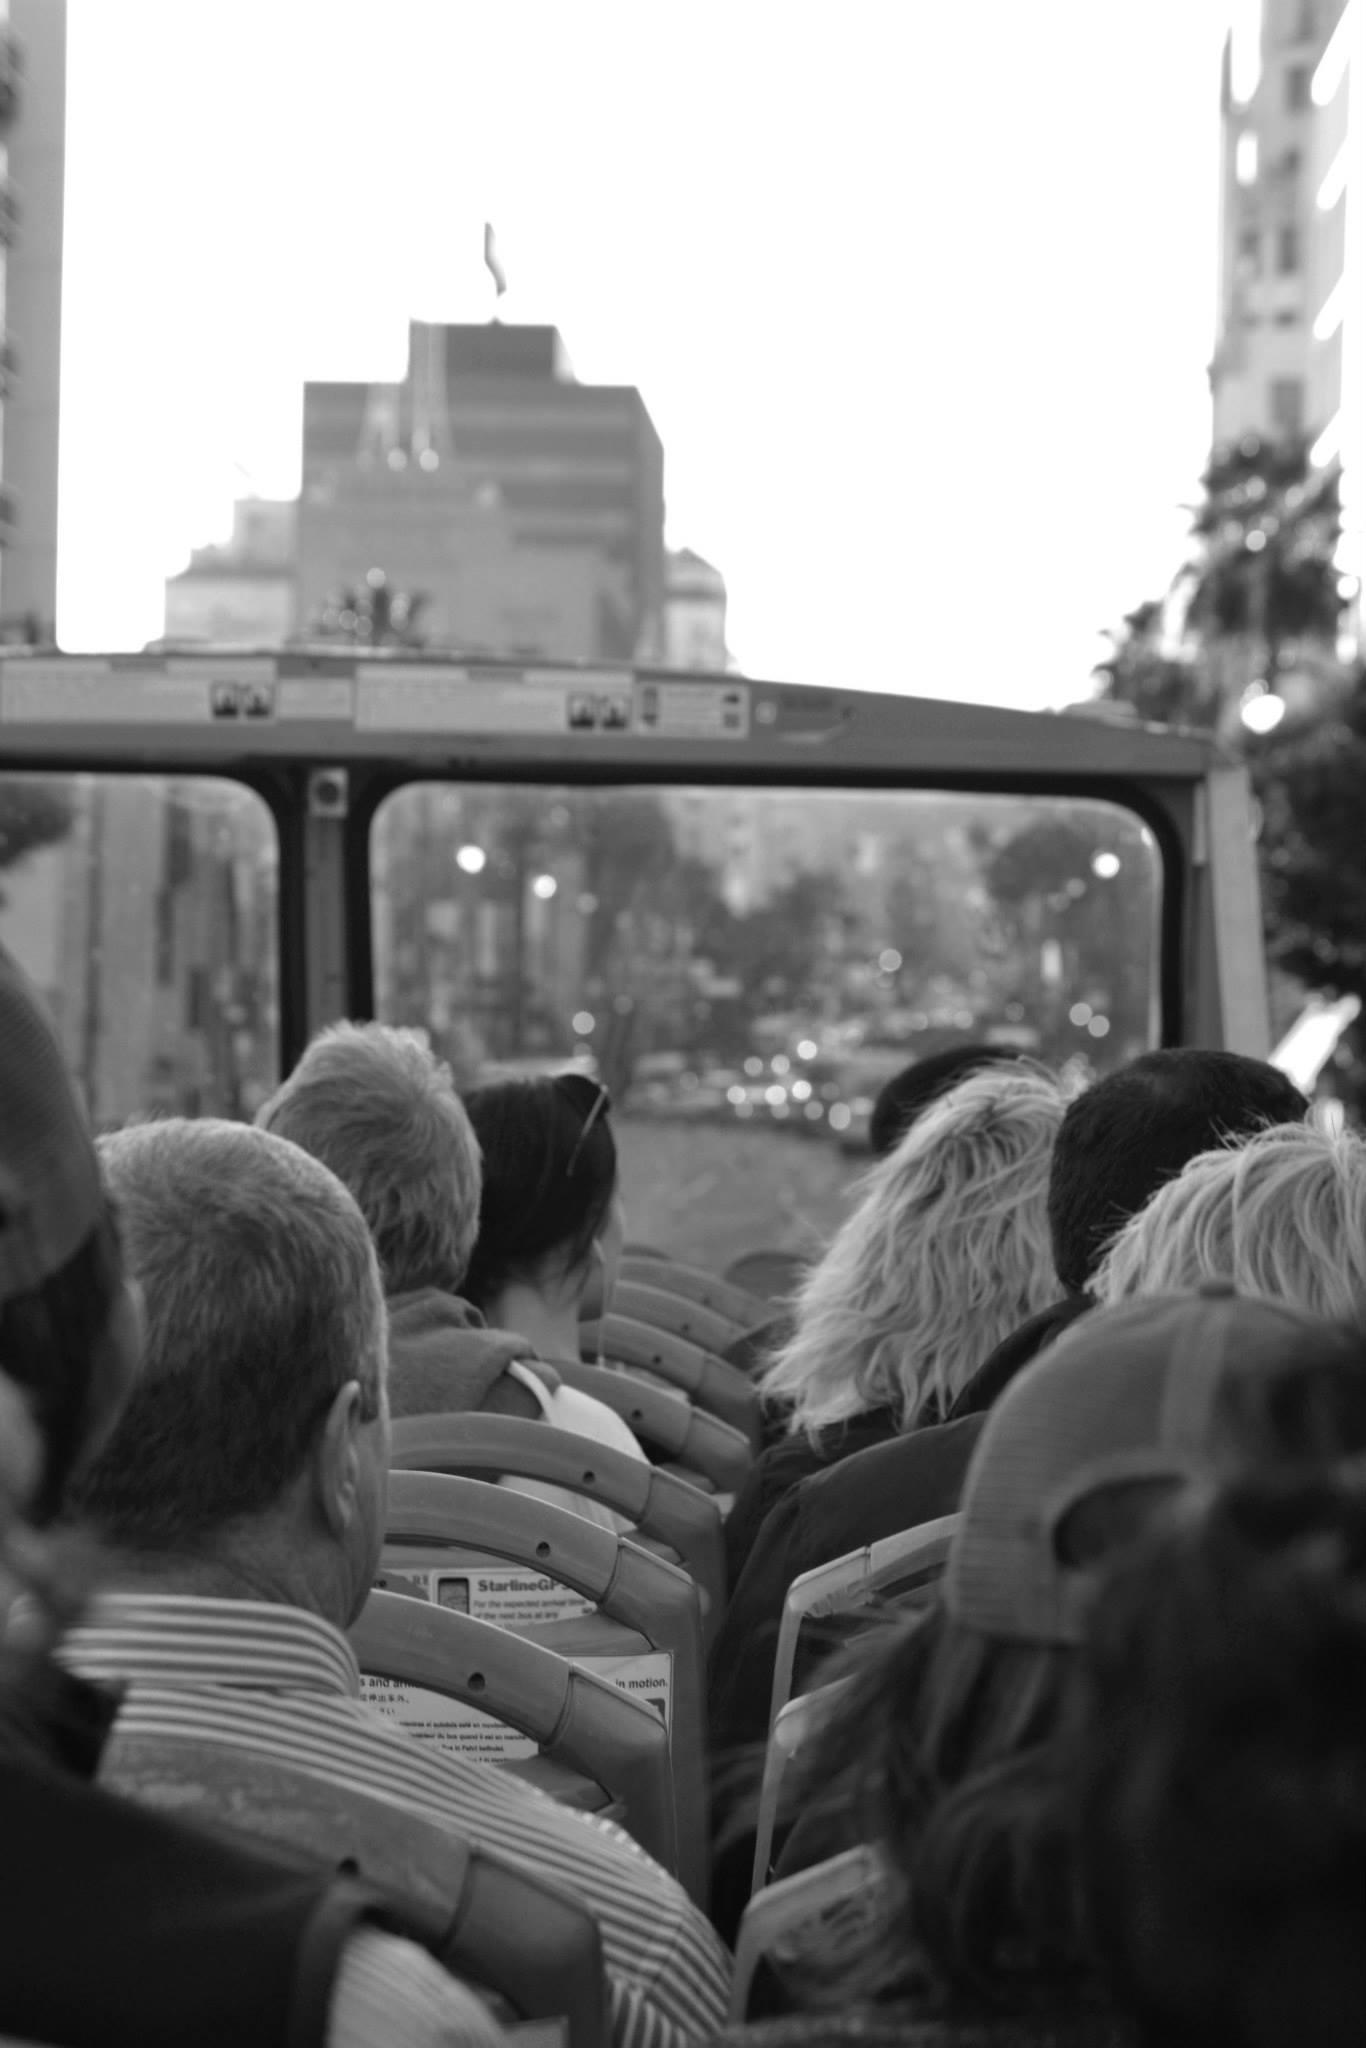 Tour Bus Chronicles: Passengers